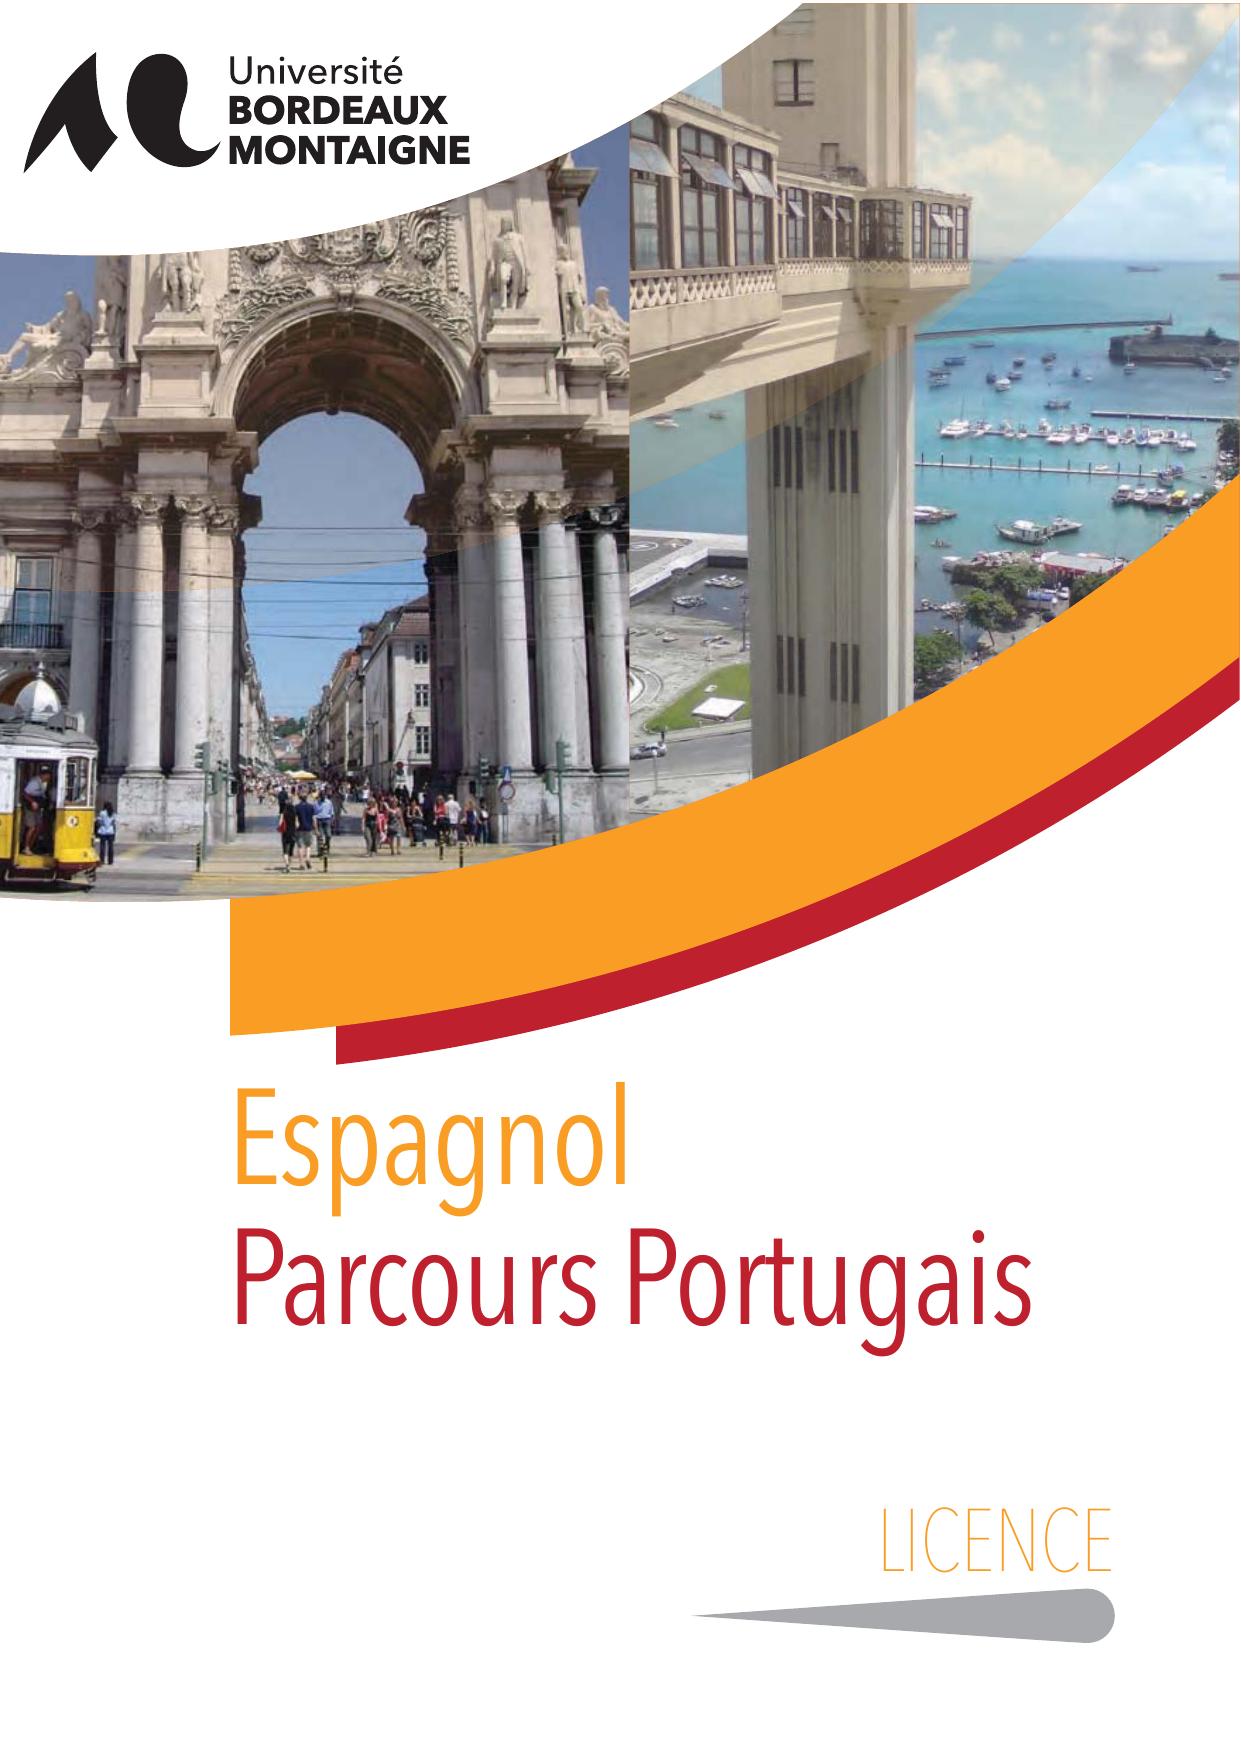 licence portugais-espagnol